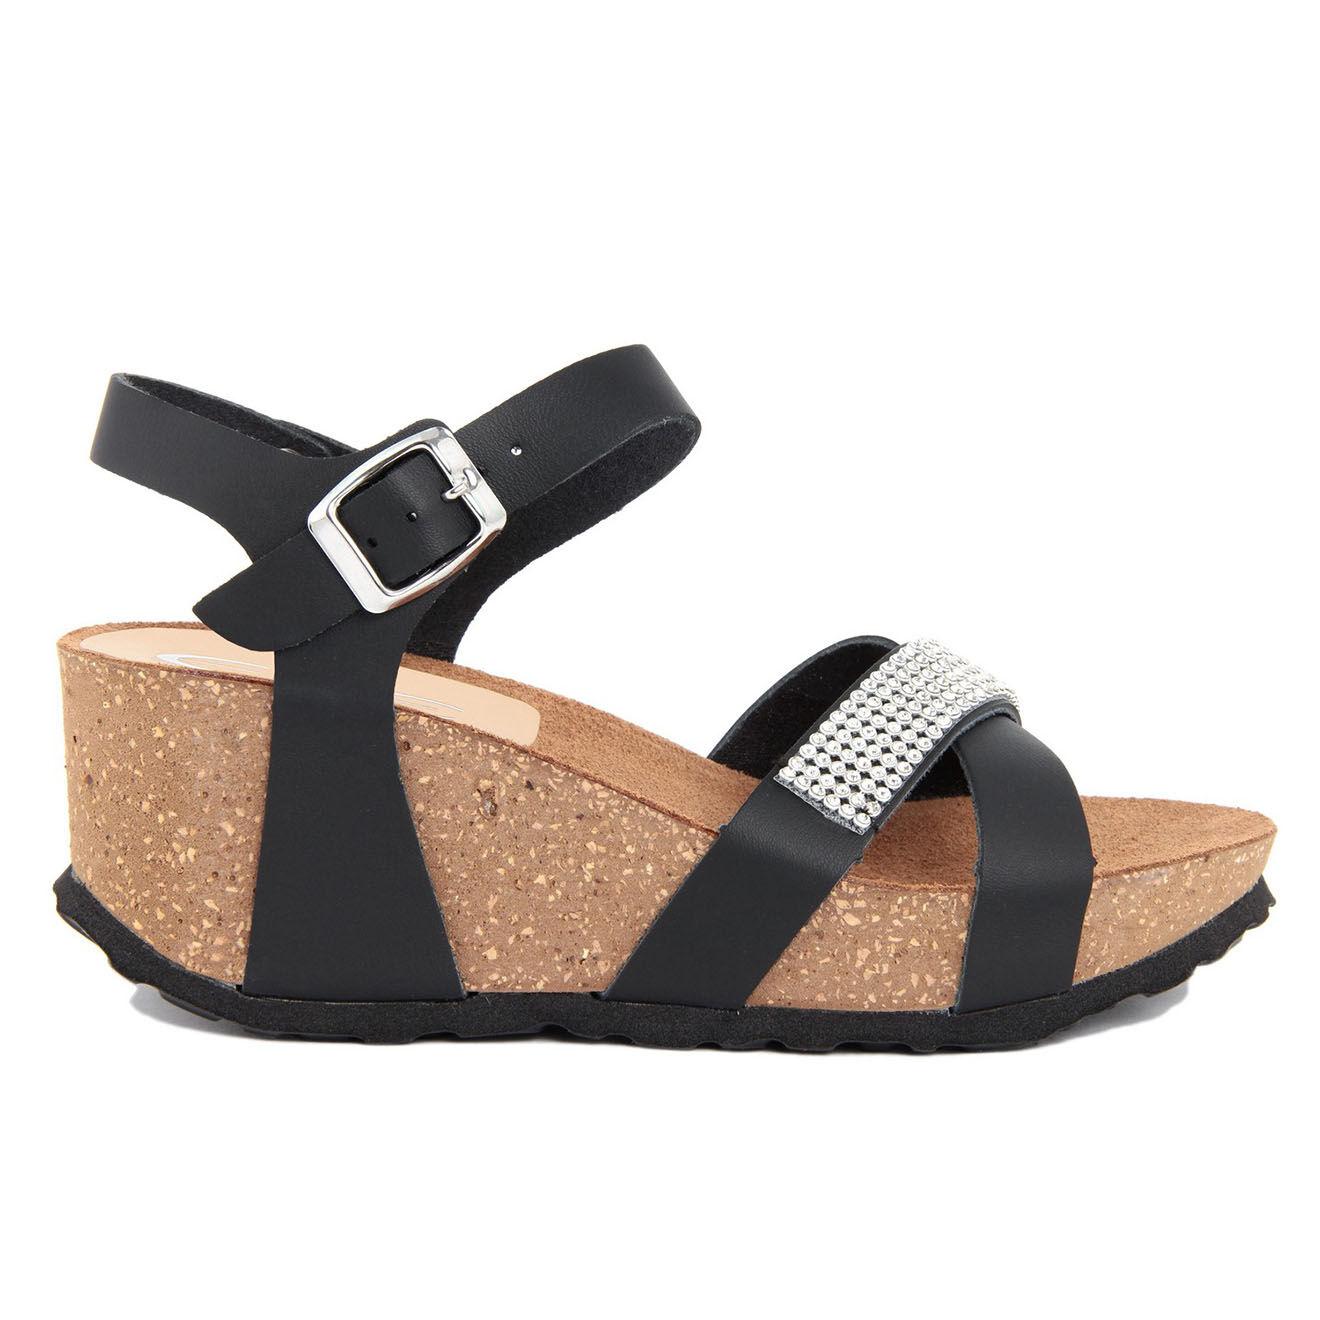 Sandales compensées en Cuir Rosa noires - Talon 7 cm